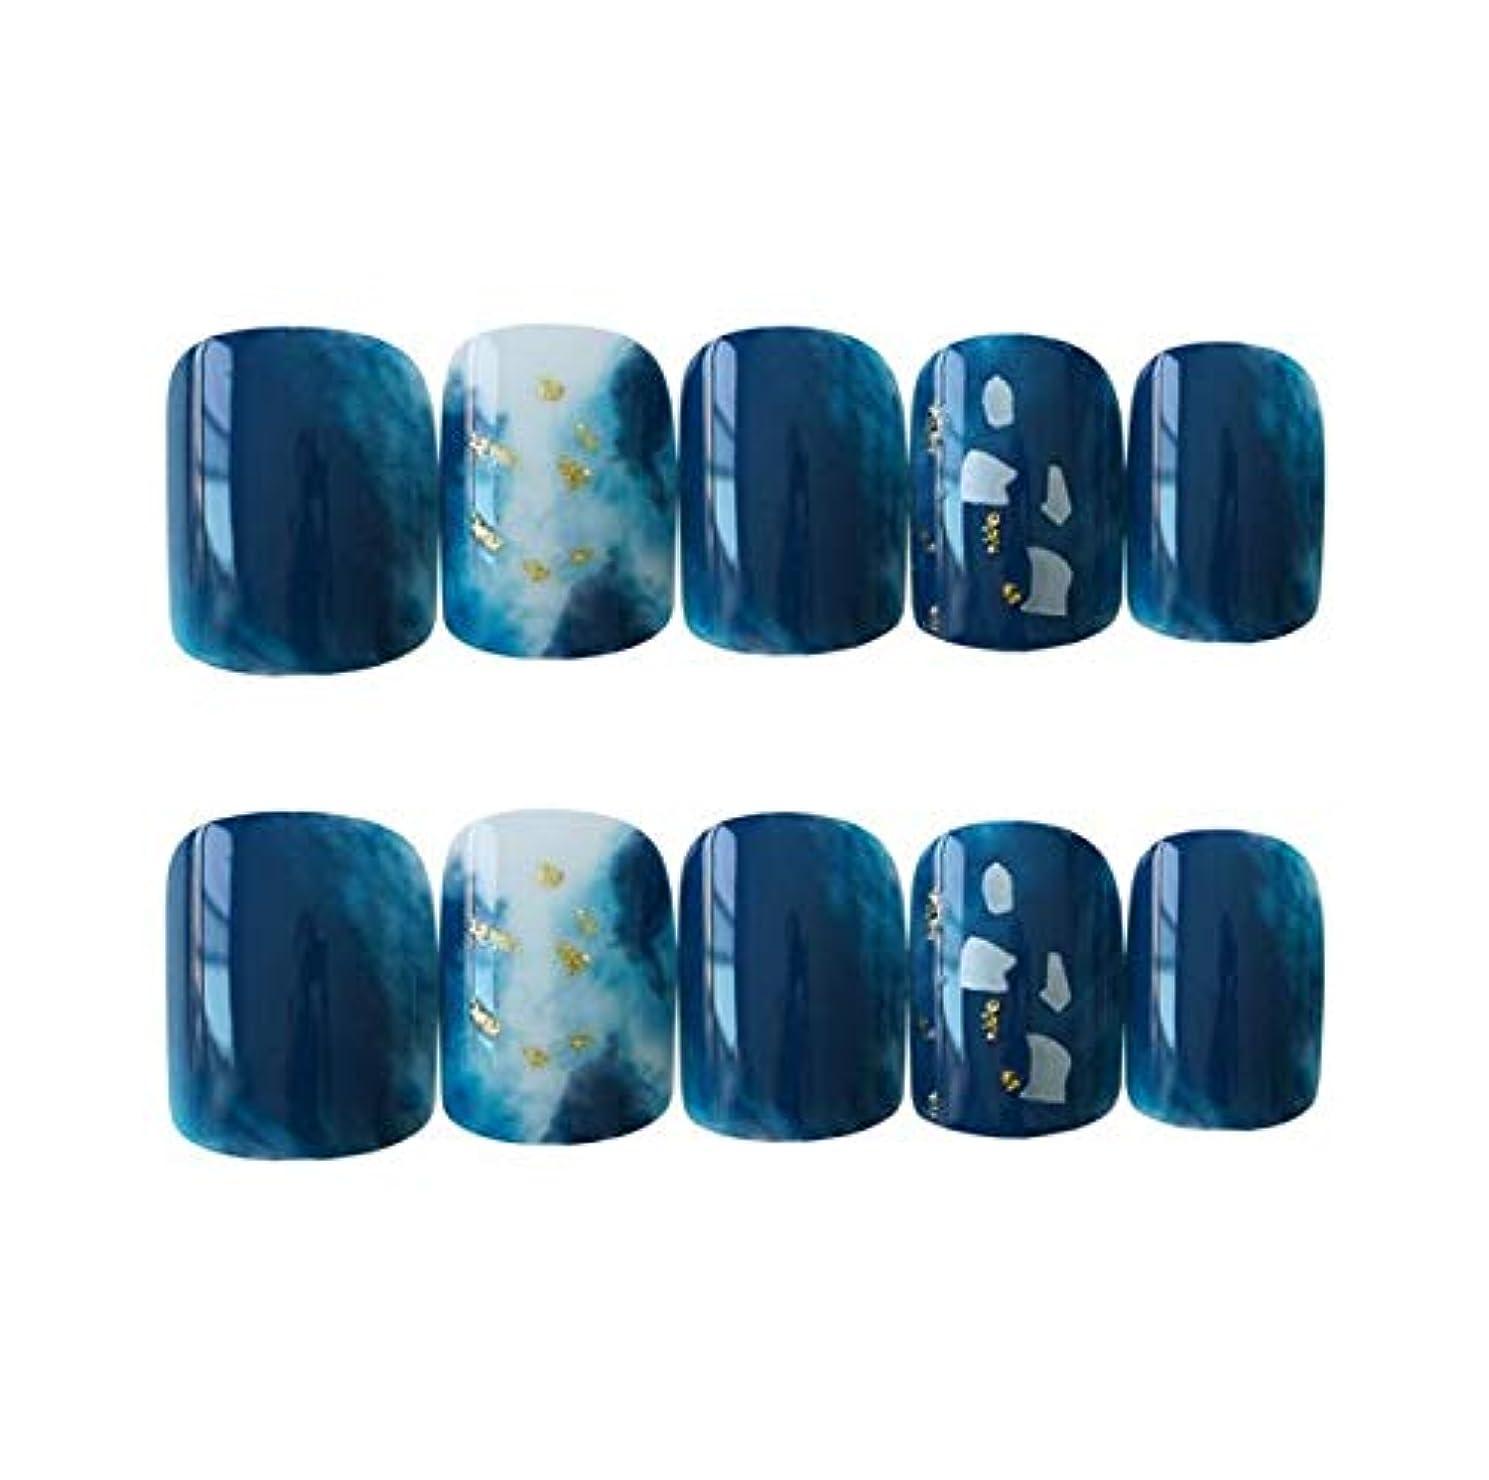 電球蒸リボンYUJIA ネイルチップ つけ爪 付け爪 つけ方簡単 ネイル デコネイルコレクション シール ハロウィン 母の日 パーティ 人気 毎日変身 24枚セット (海洋暈し)